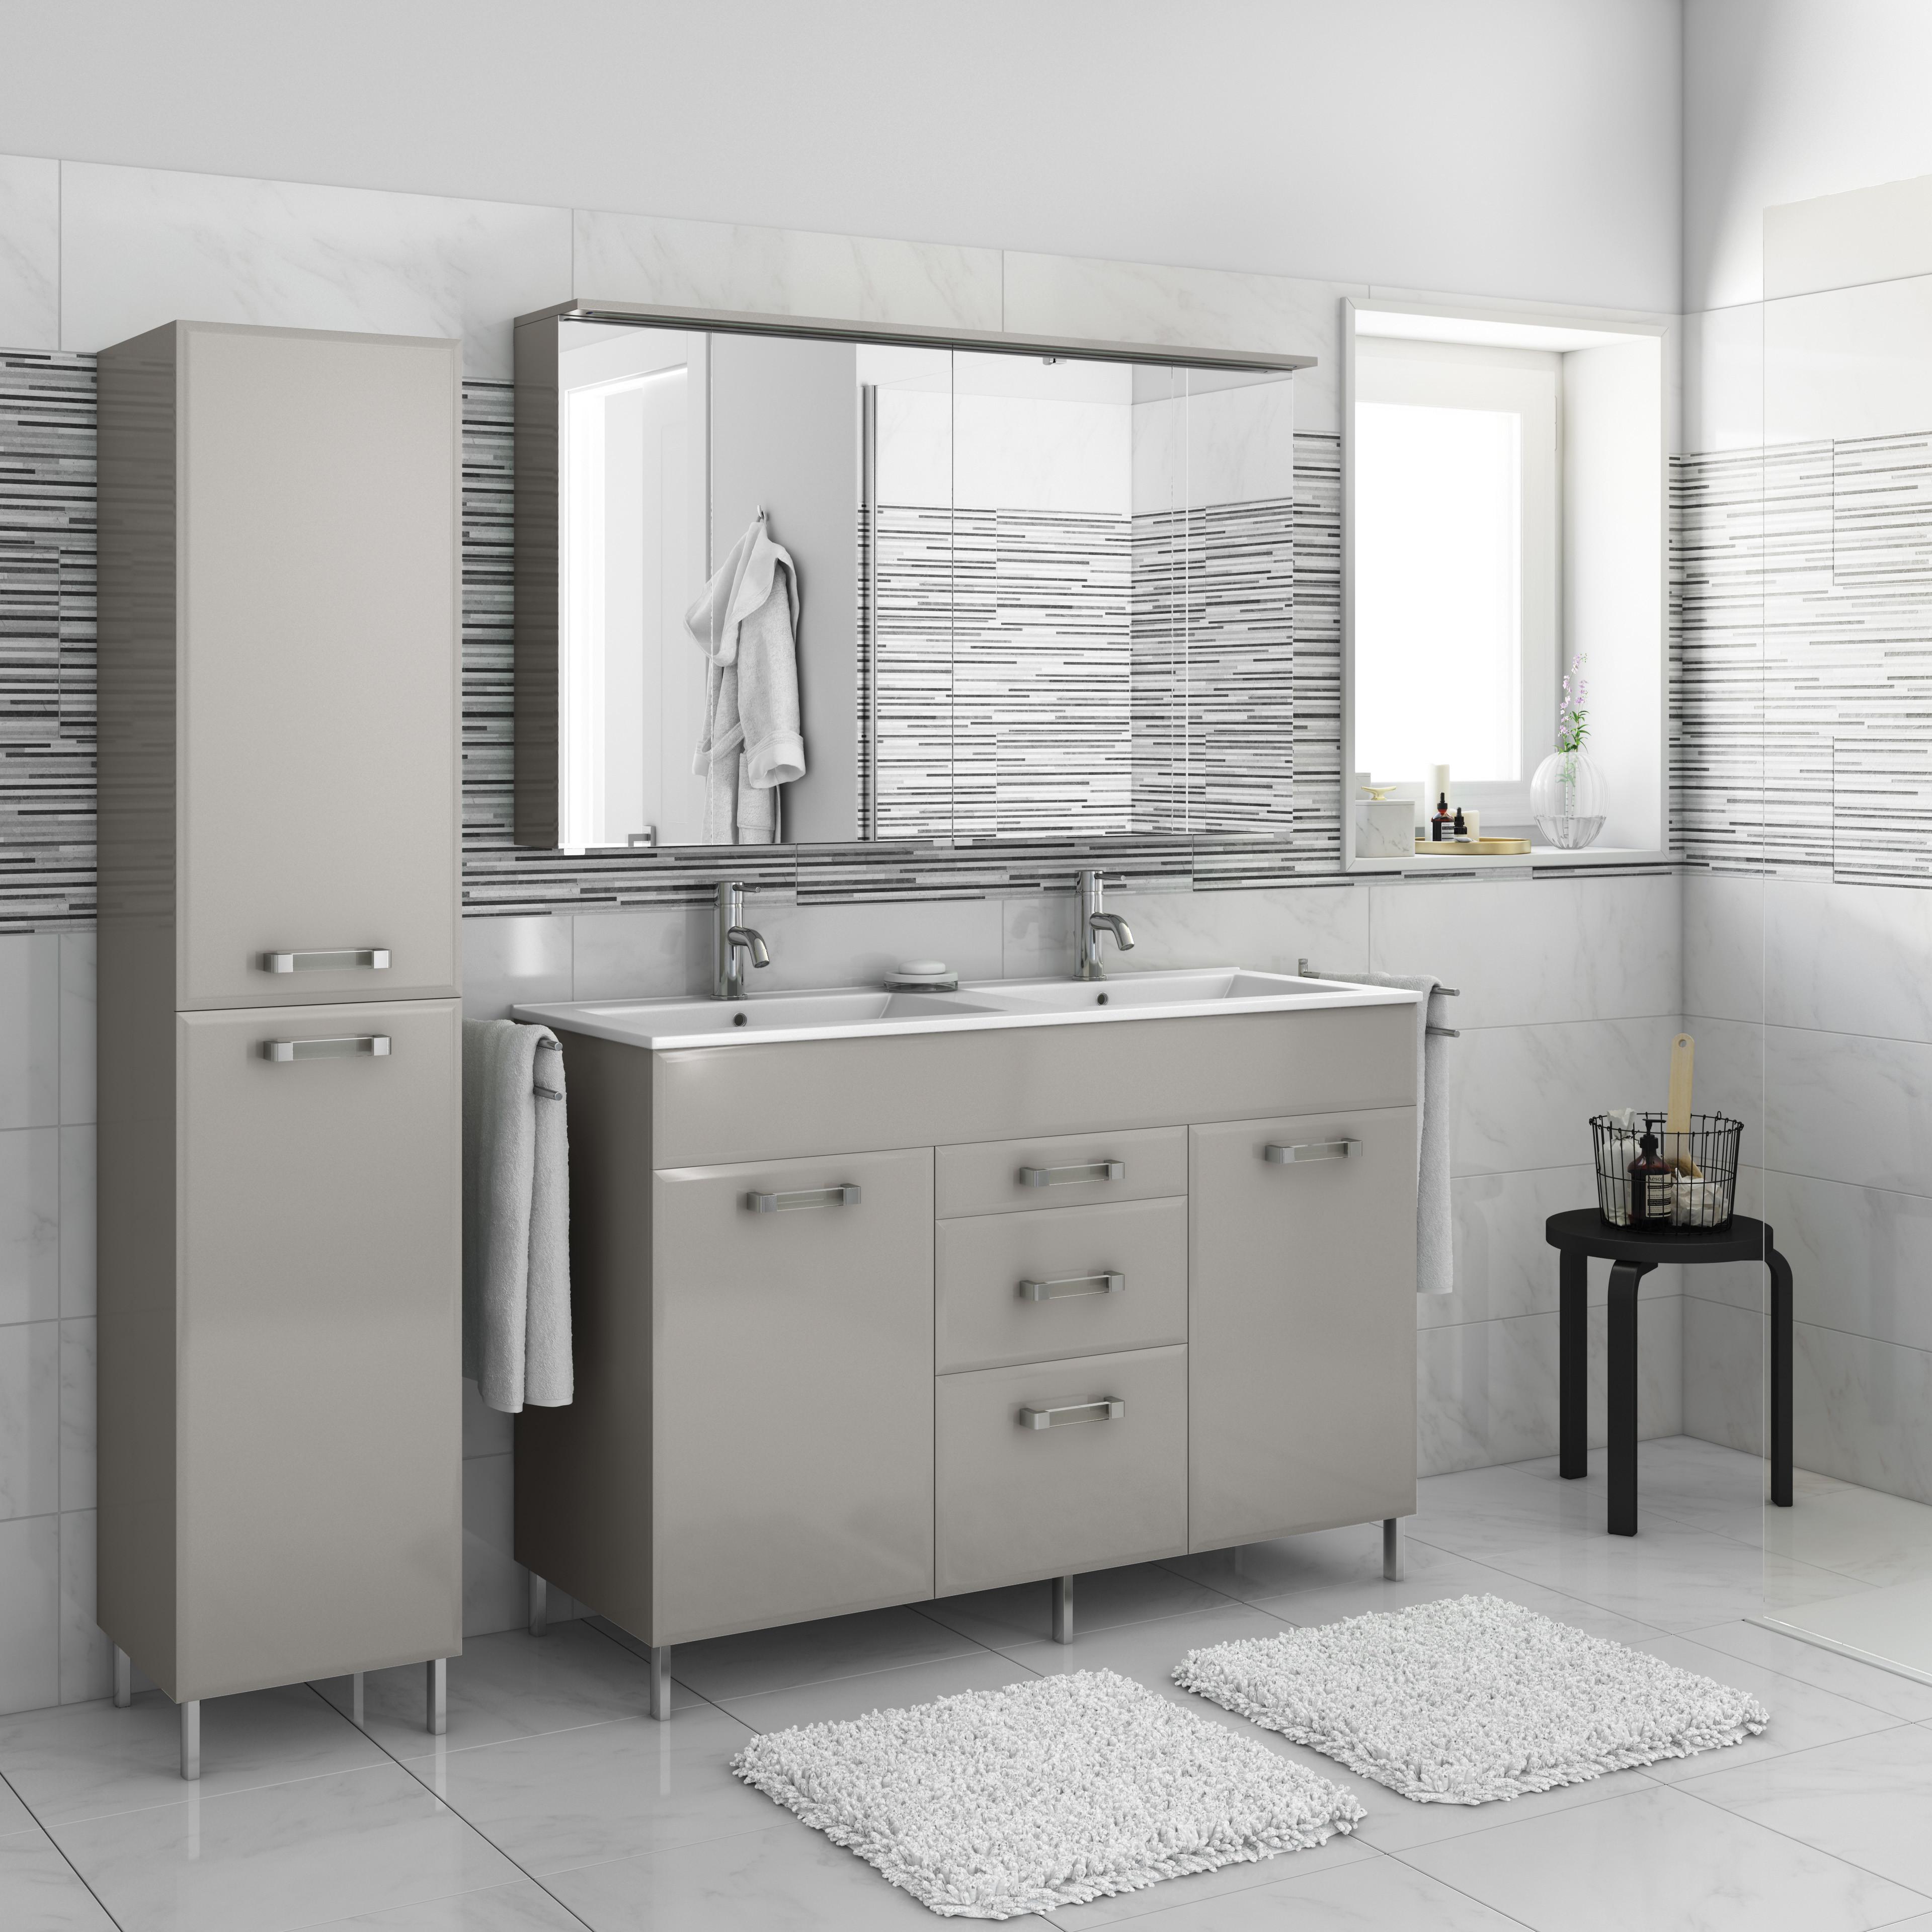 Produttori mobili bagno italia stunning specchio in for Produttori arredo bagno